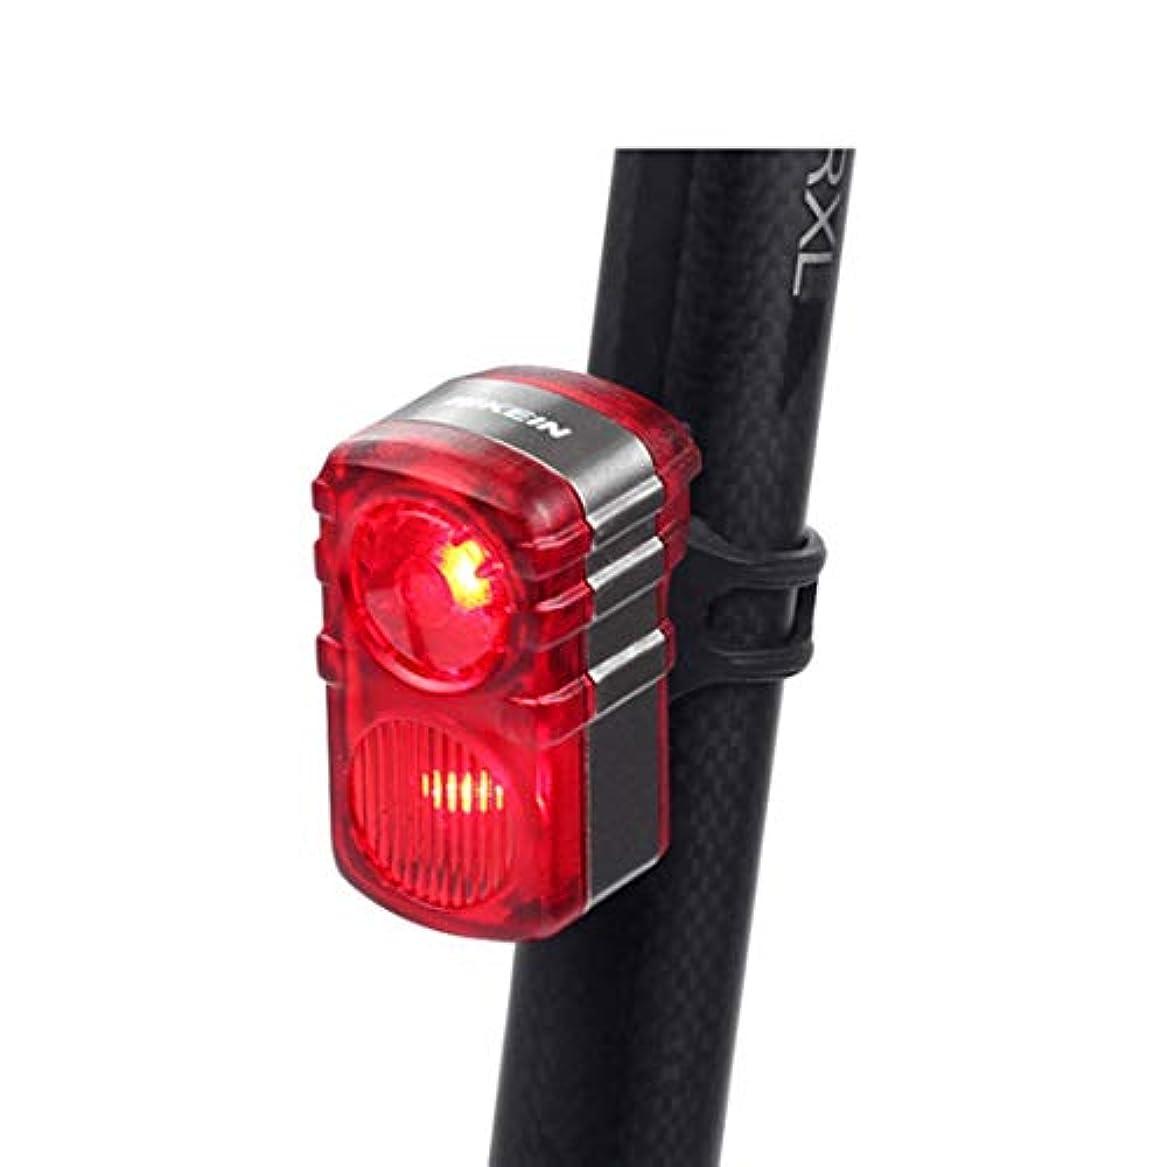 ホイットニー推進、動かす調停するDoyvanntgo マウンテンバイクの灯台USB充電夜間乗り物警告灯LED安全灯サイクリング装置 (Color : レッド)